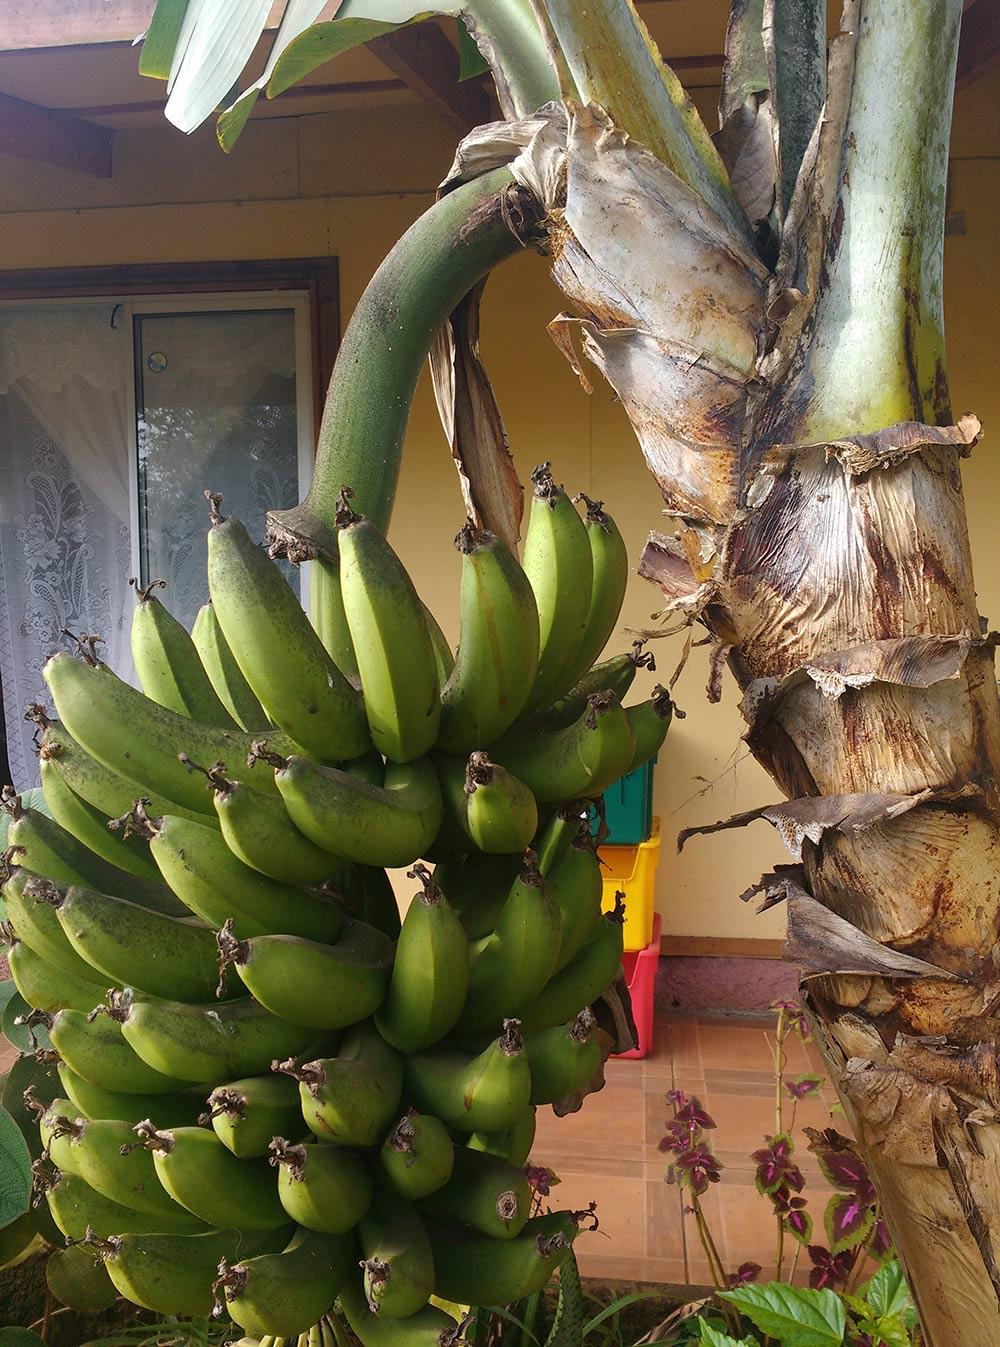 Бананы перед хижиной, в которой я ночевал